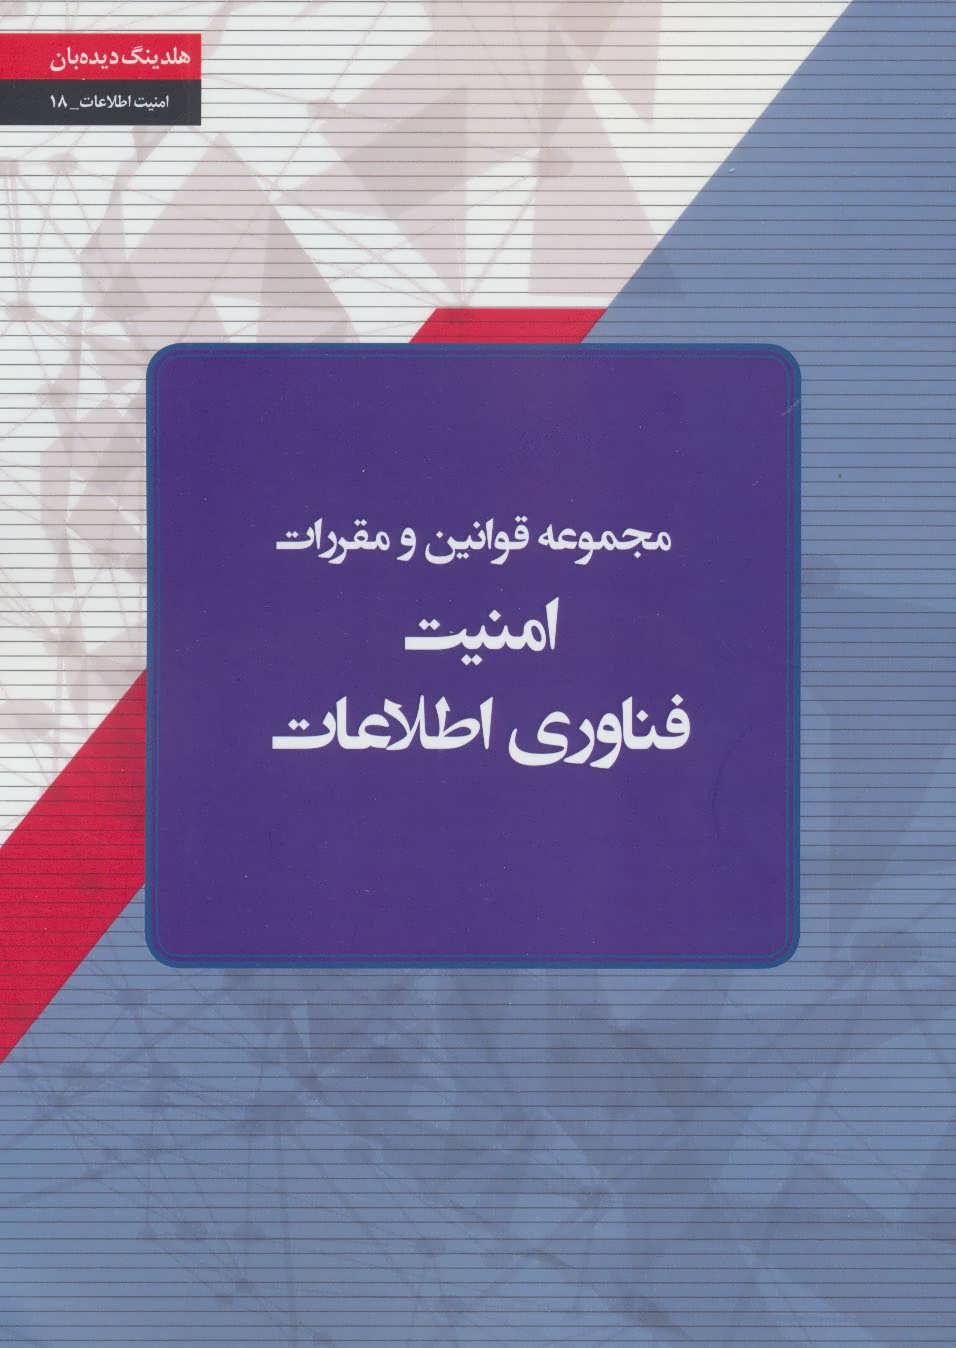 کتاب مجموعه قوانین و مقررات امنیت فناوری اطلاعات کشور